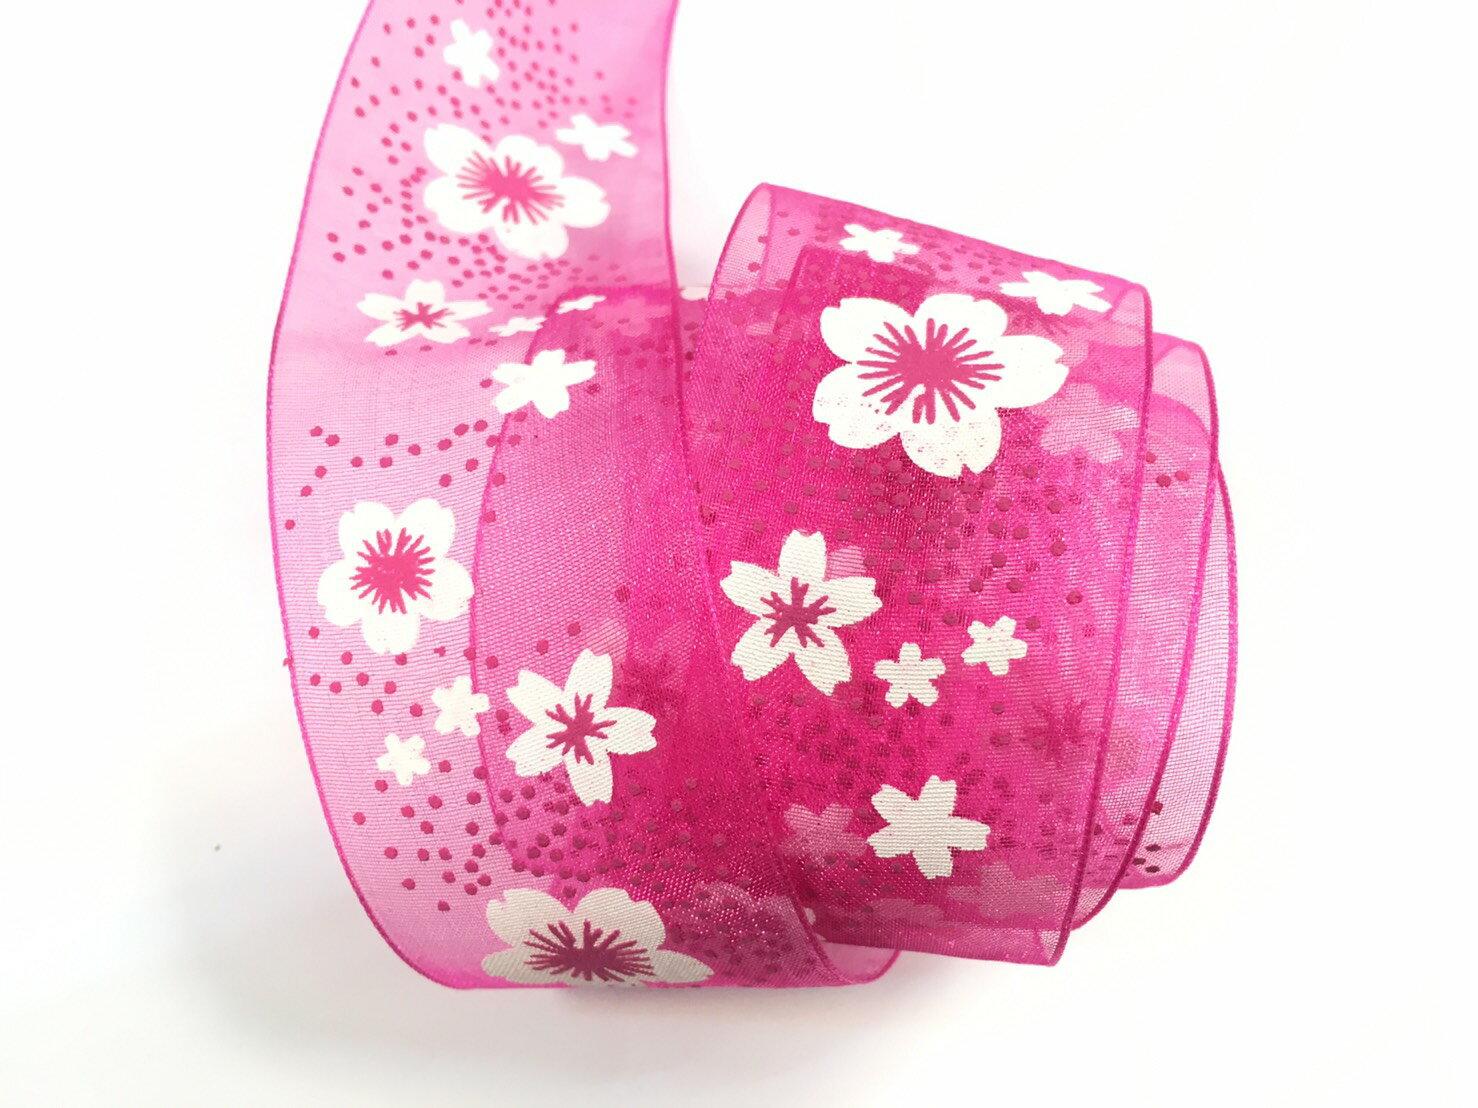 【Crystal Rose緞帶專賣店】小花朵朵網紗緞帶 38mm 3碼裝 0